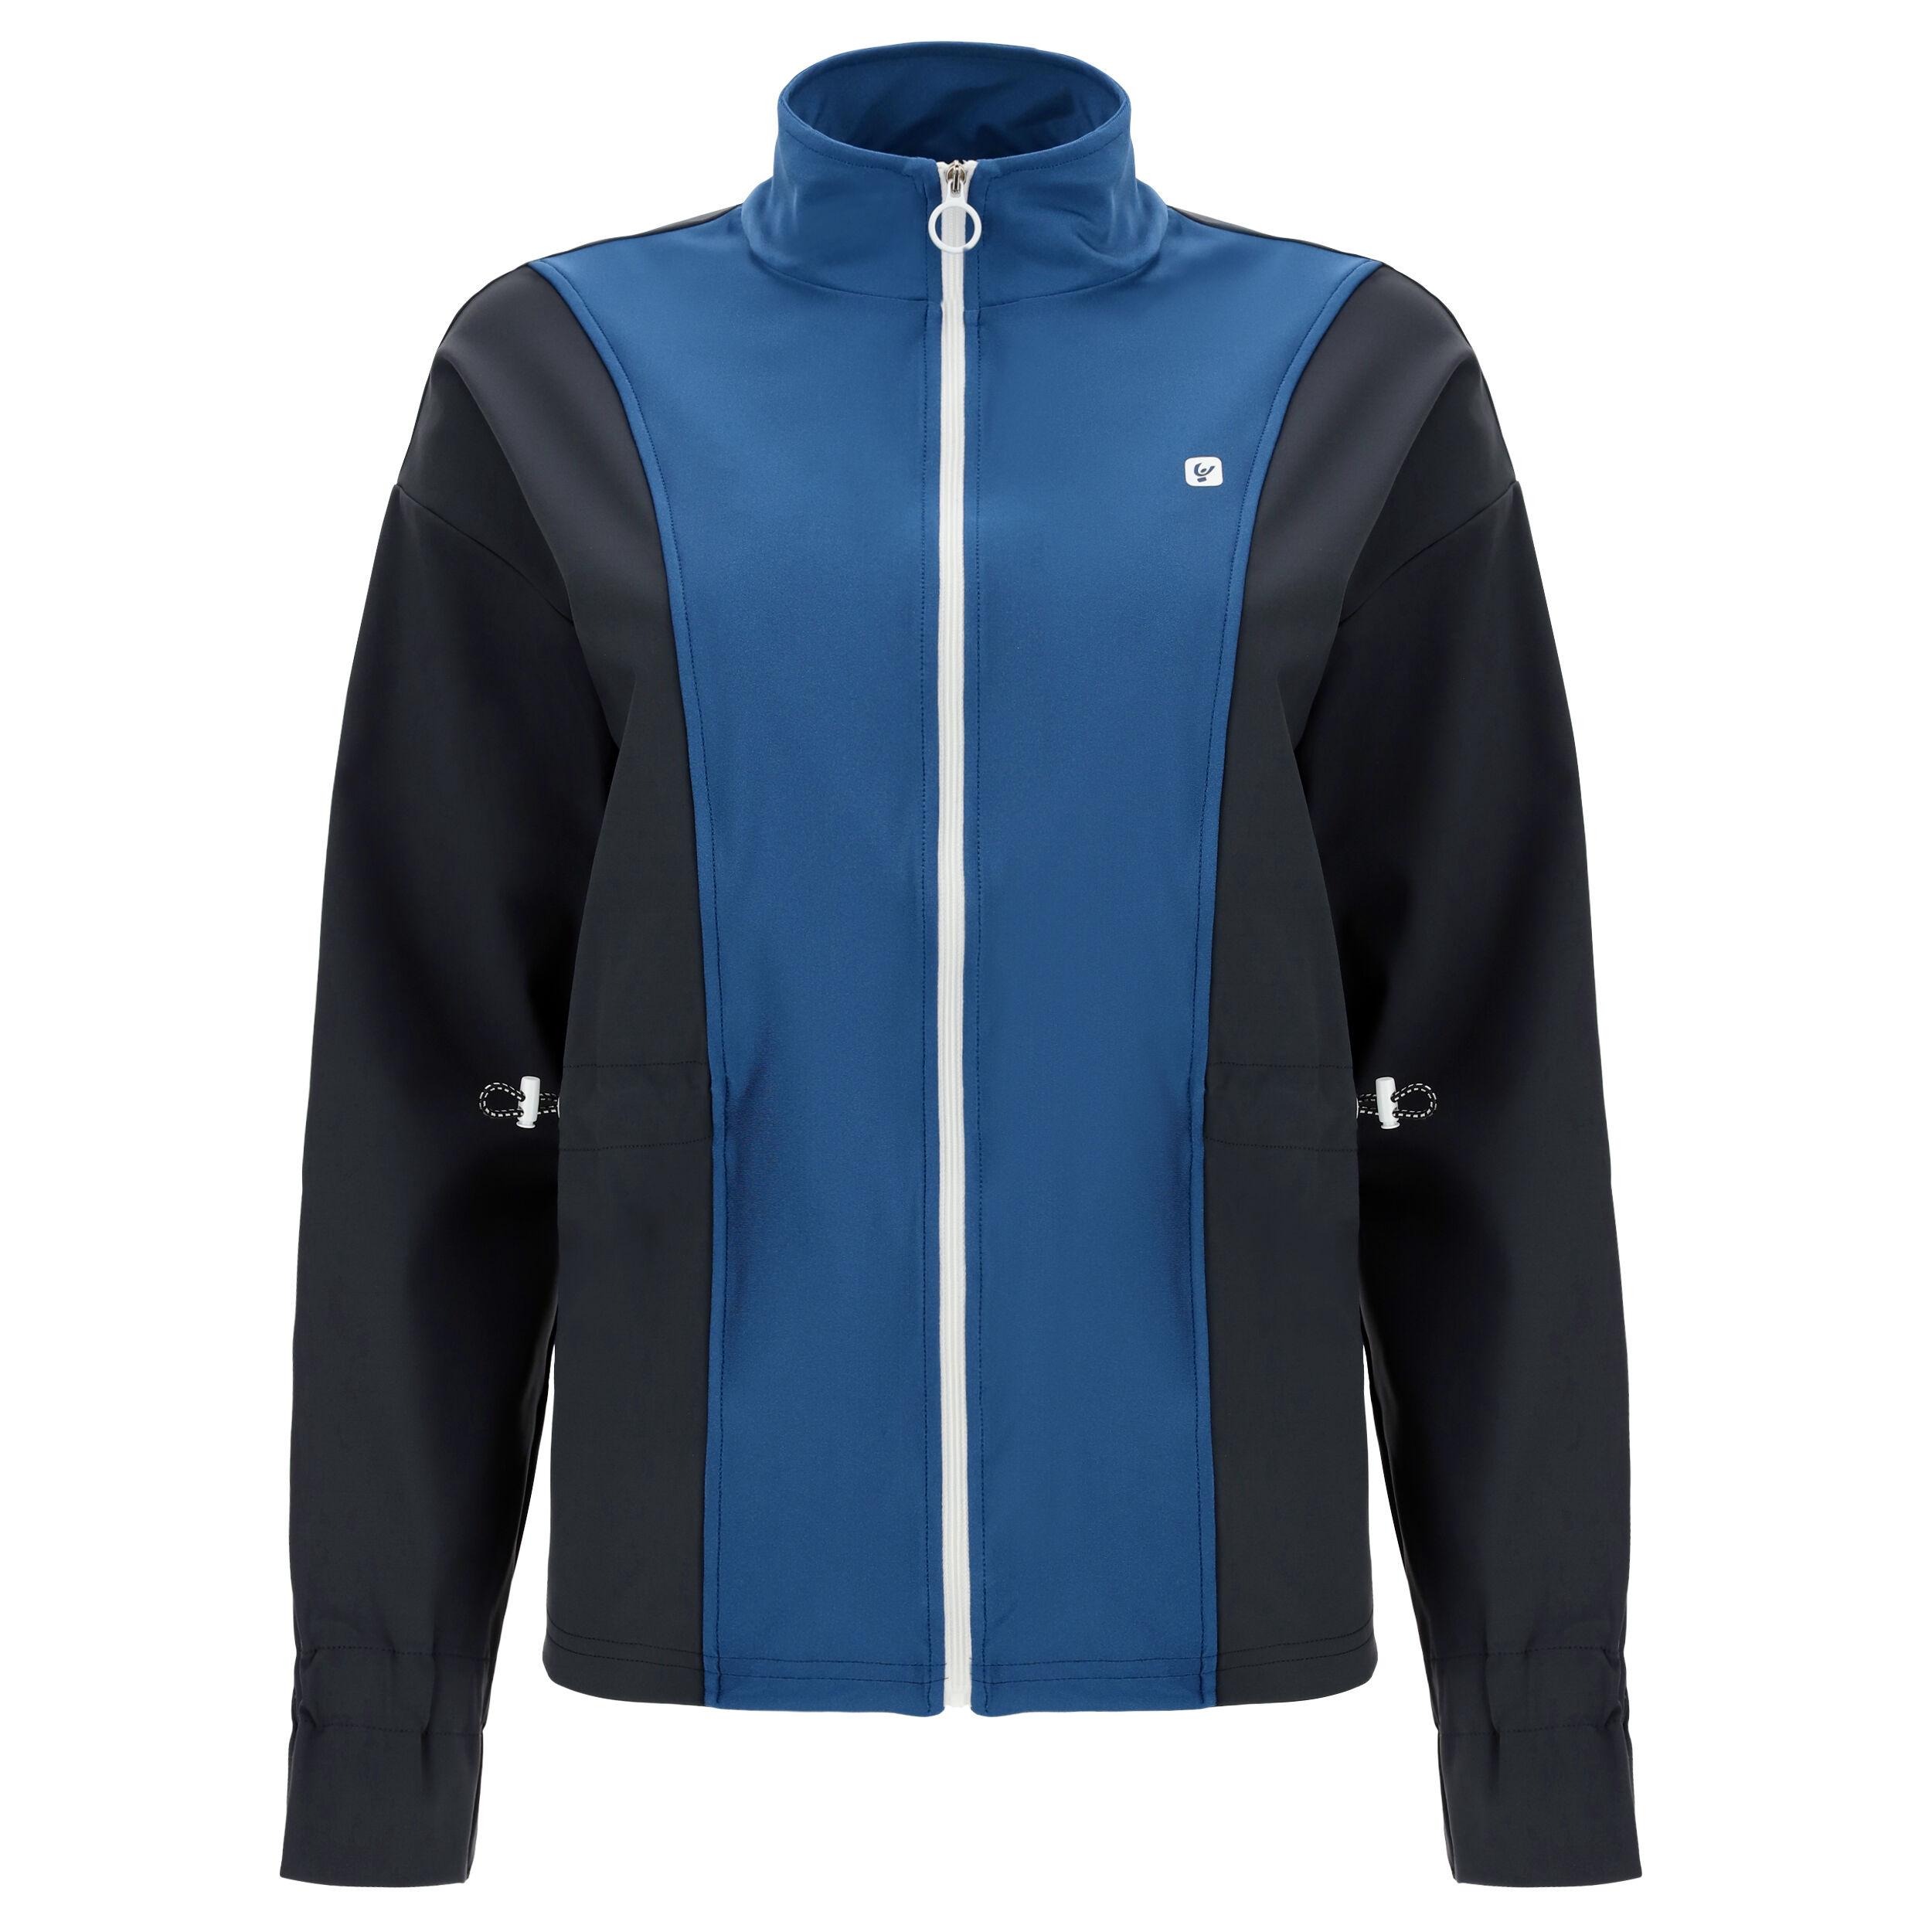 Freddy Felpa zip abbigliamento yoga donna - 100% Made in Italy Blu Inchiostro-Blu Cangiante